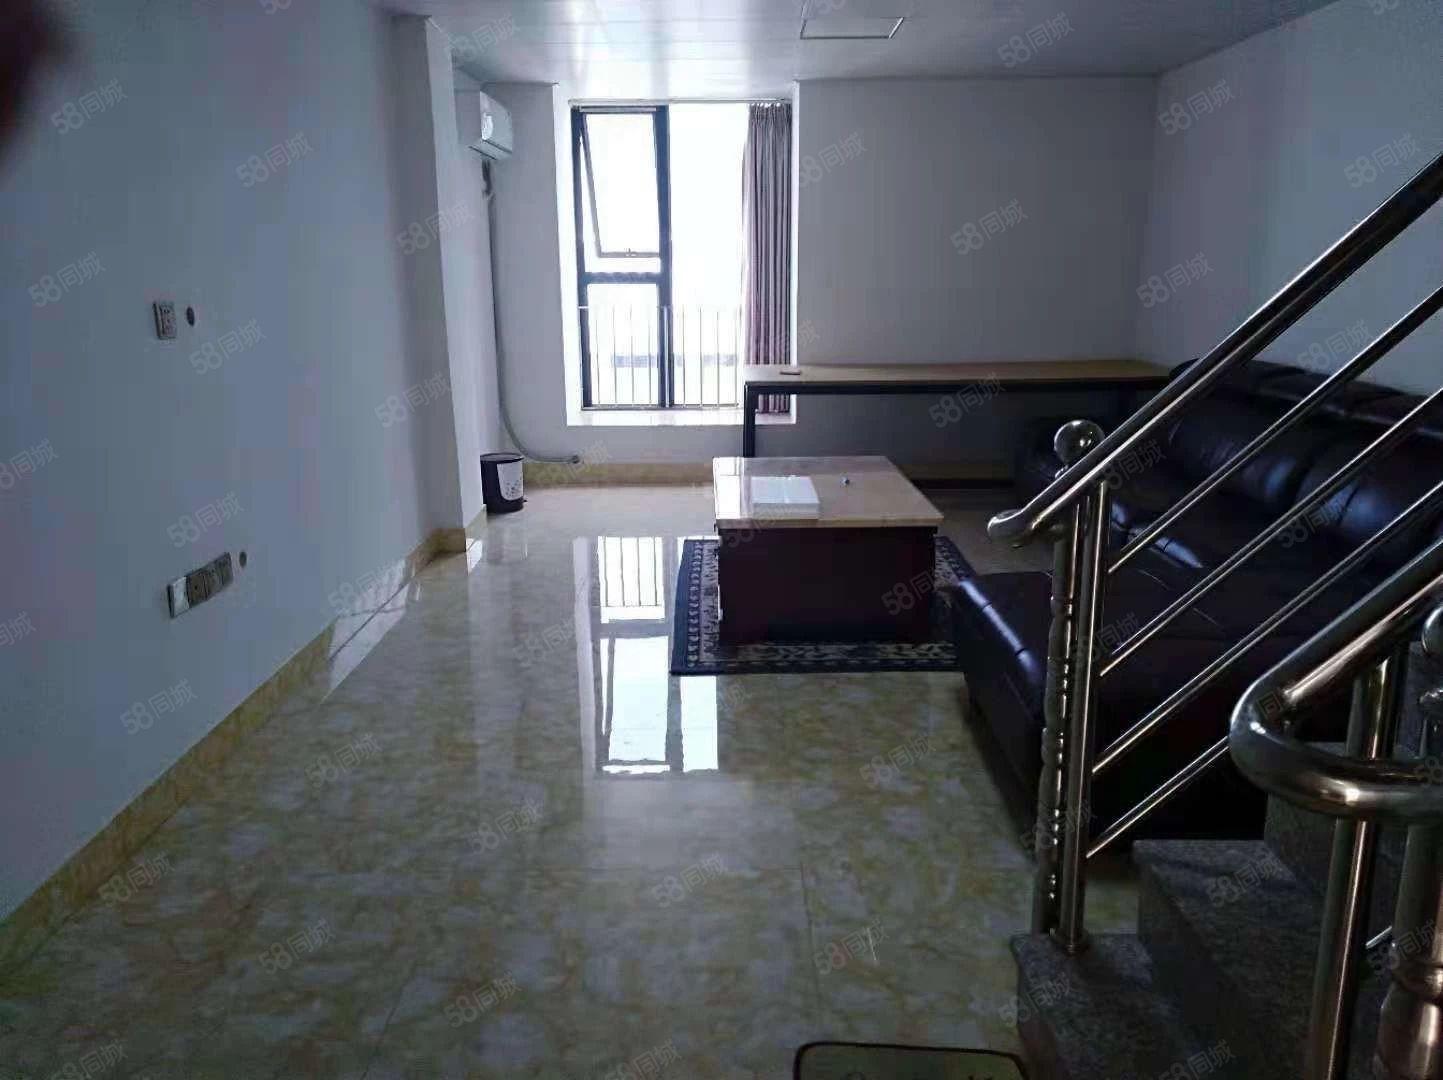 华科国际复式公寓!精装2房,新新净,家电家私齐全,拎包入住